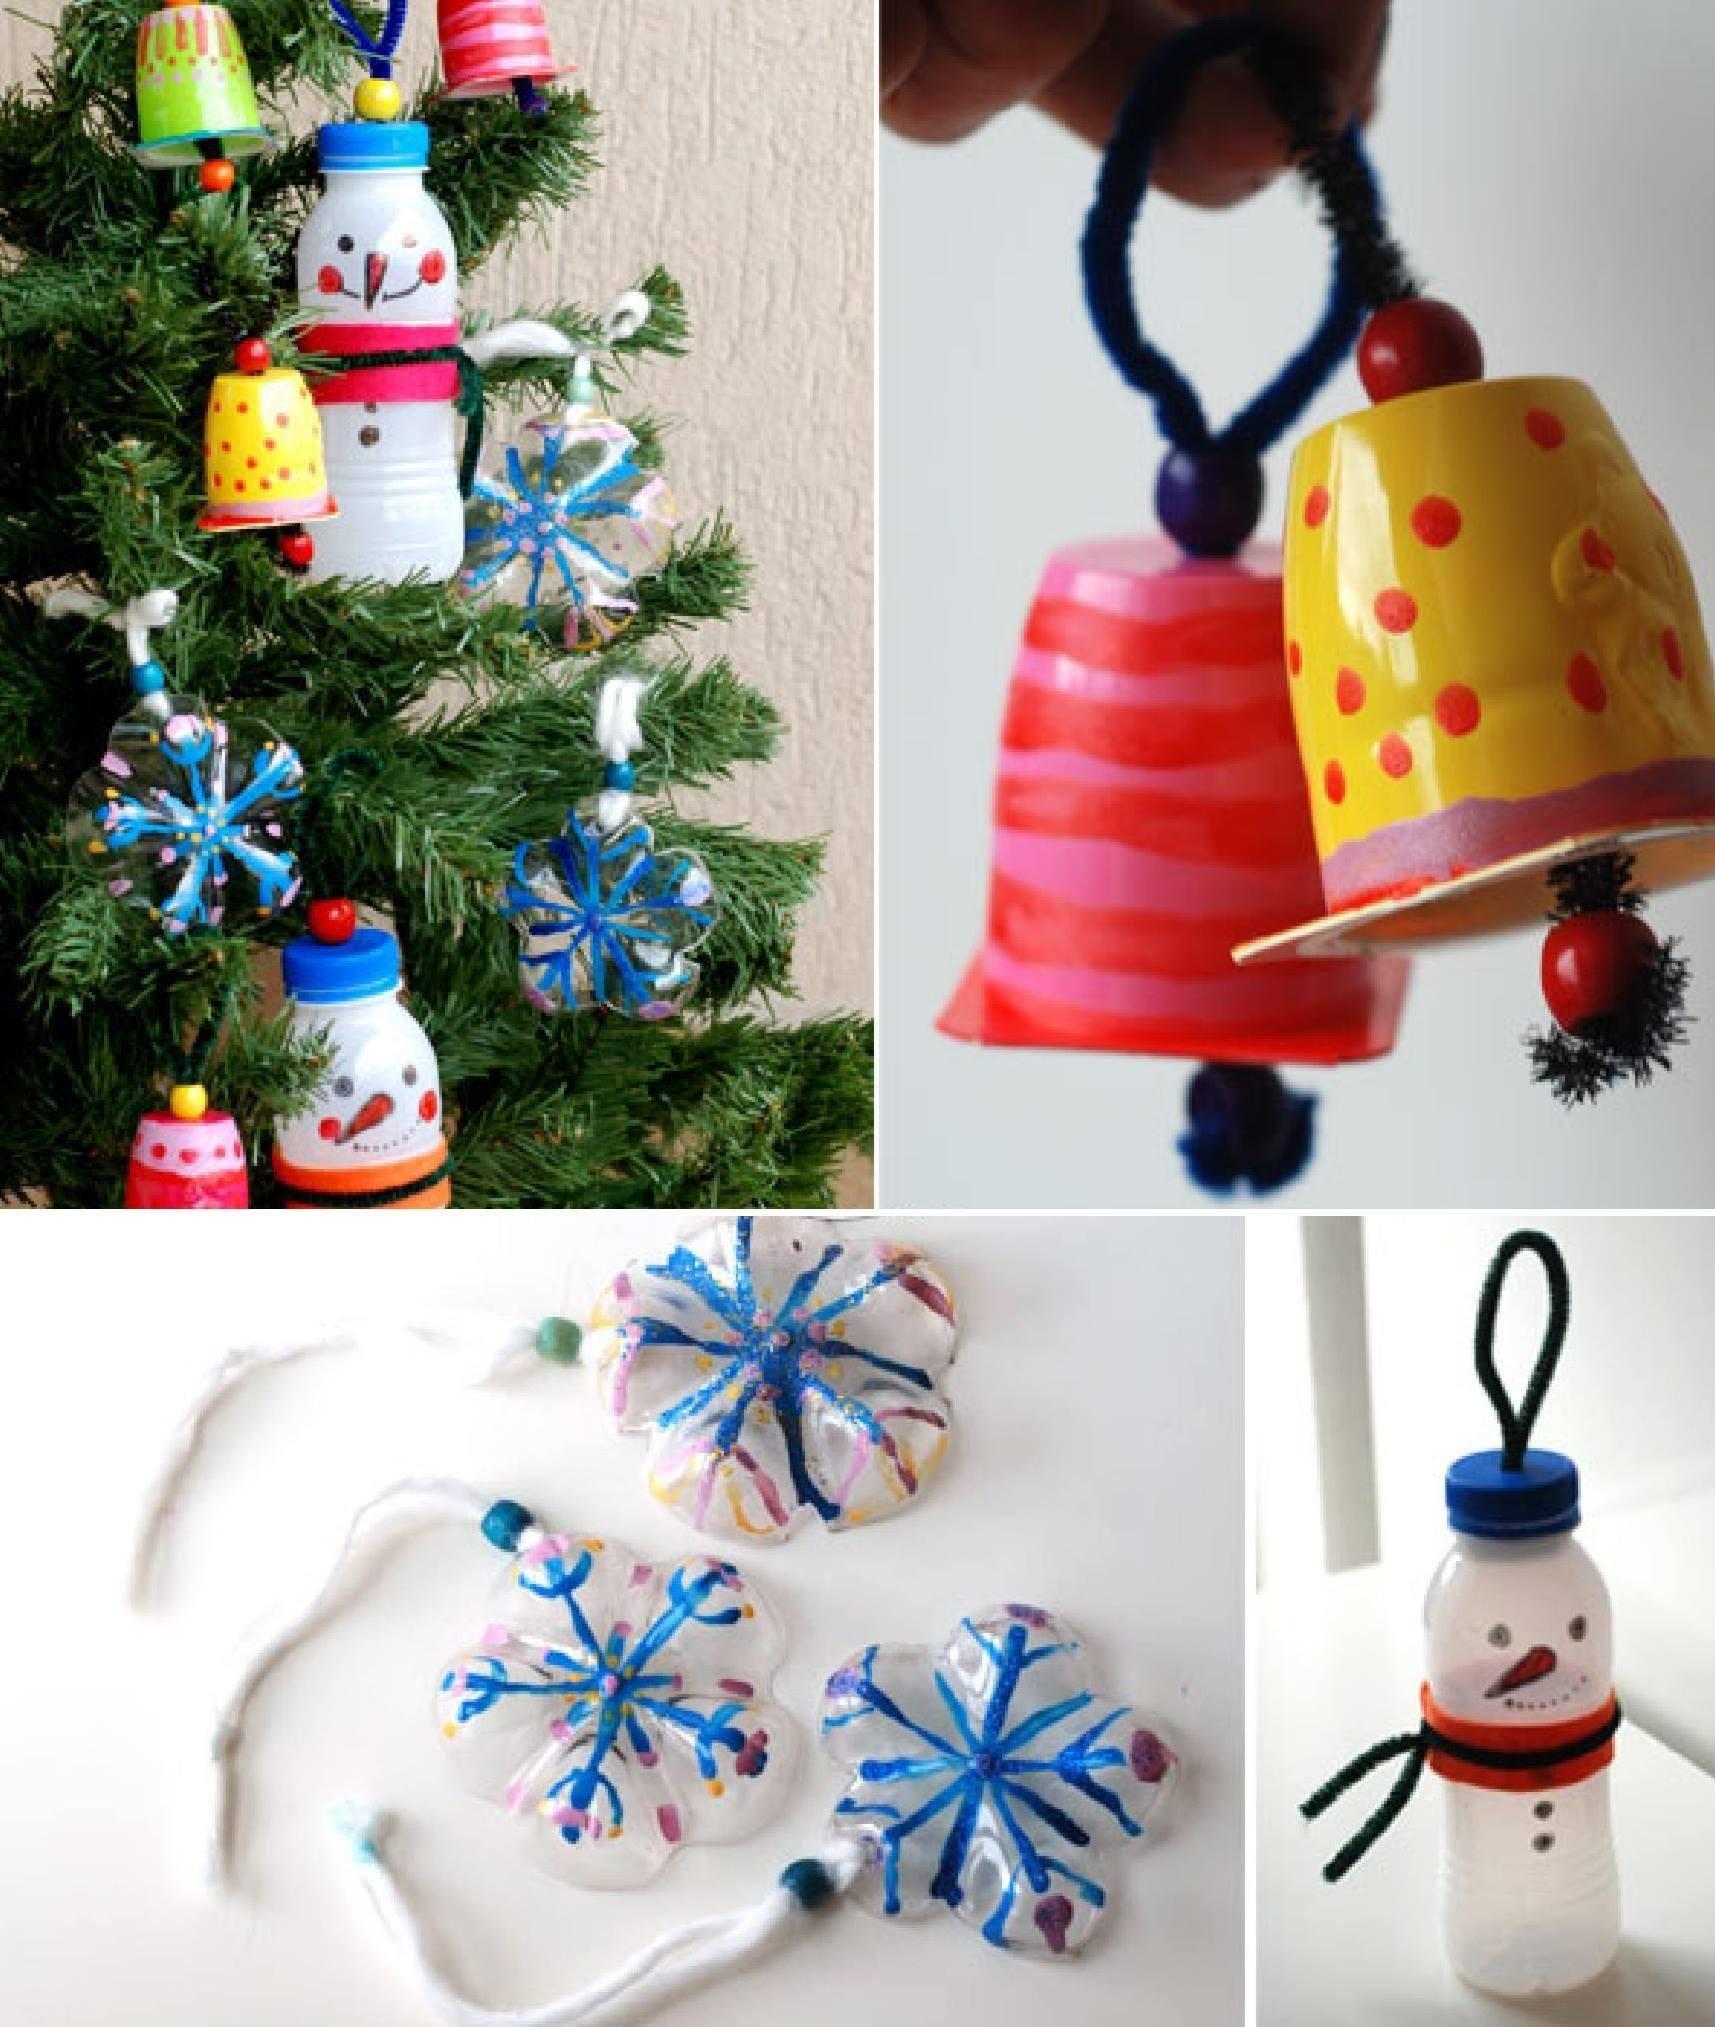 Decorazioni natalizie fai da te spettegolando - Decorazioni natalizie country fai da te ...